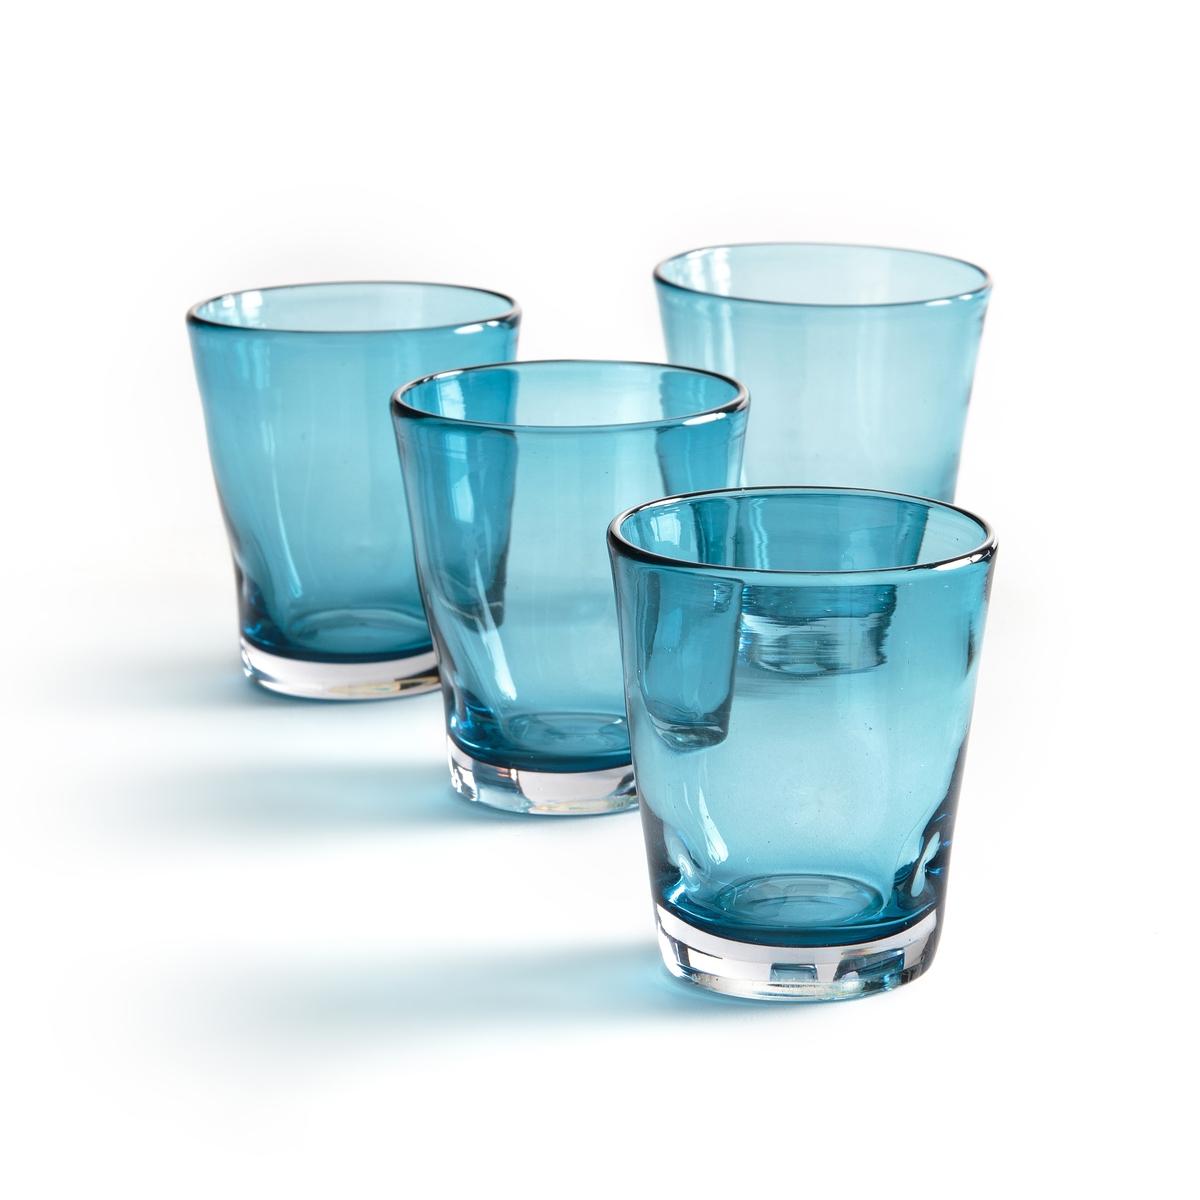 4 стакна для воды, Tawul4 стакна для воды Tawul . Красивая неоднородная форма . Ручная работа, каждое изделие уникально. Из прозрачного или синего стекла . Подходят для использования в посудомоечной машине. Размеры : ?8,5 x H9 см .<br><br>Цвет: прозрачный,синий